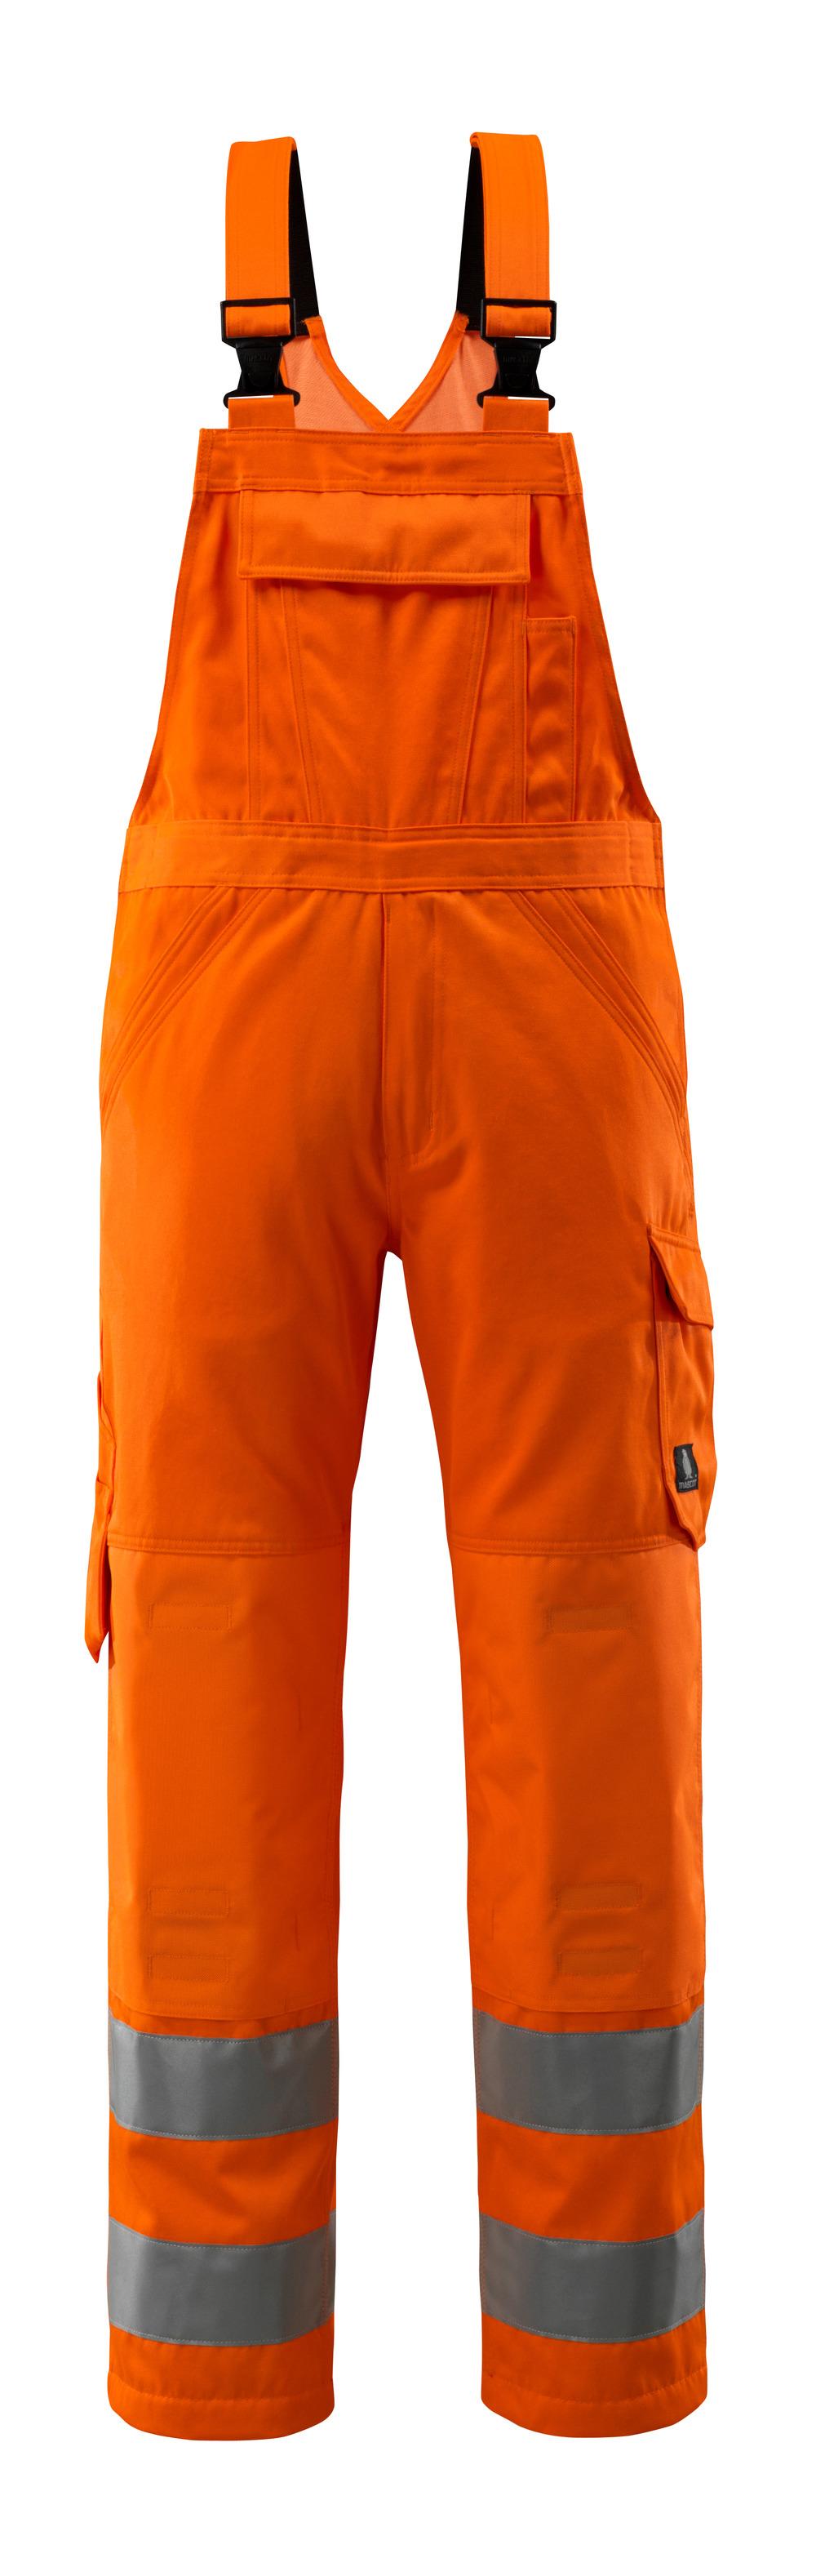 16869-860-14 Salopette con tasche porta-ginocchiere - arancio hi-vis